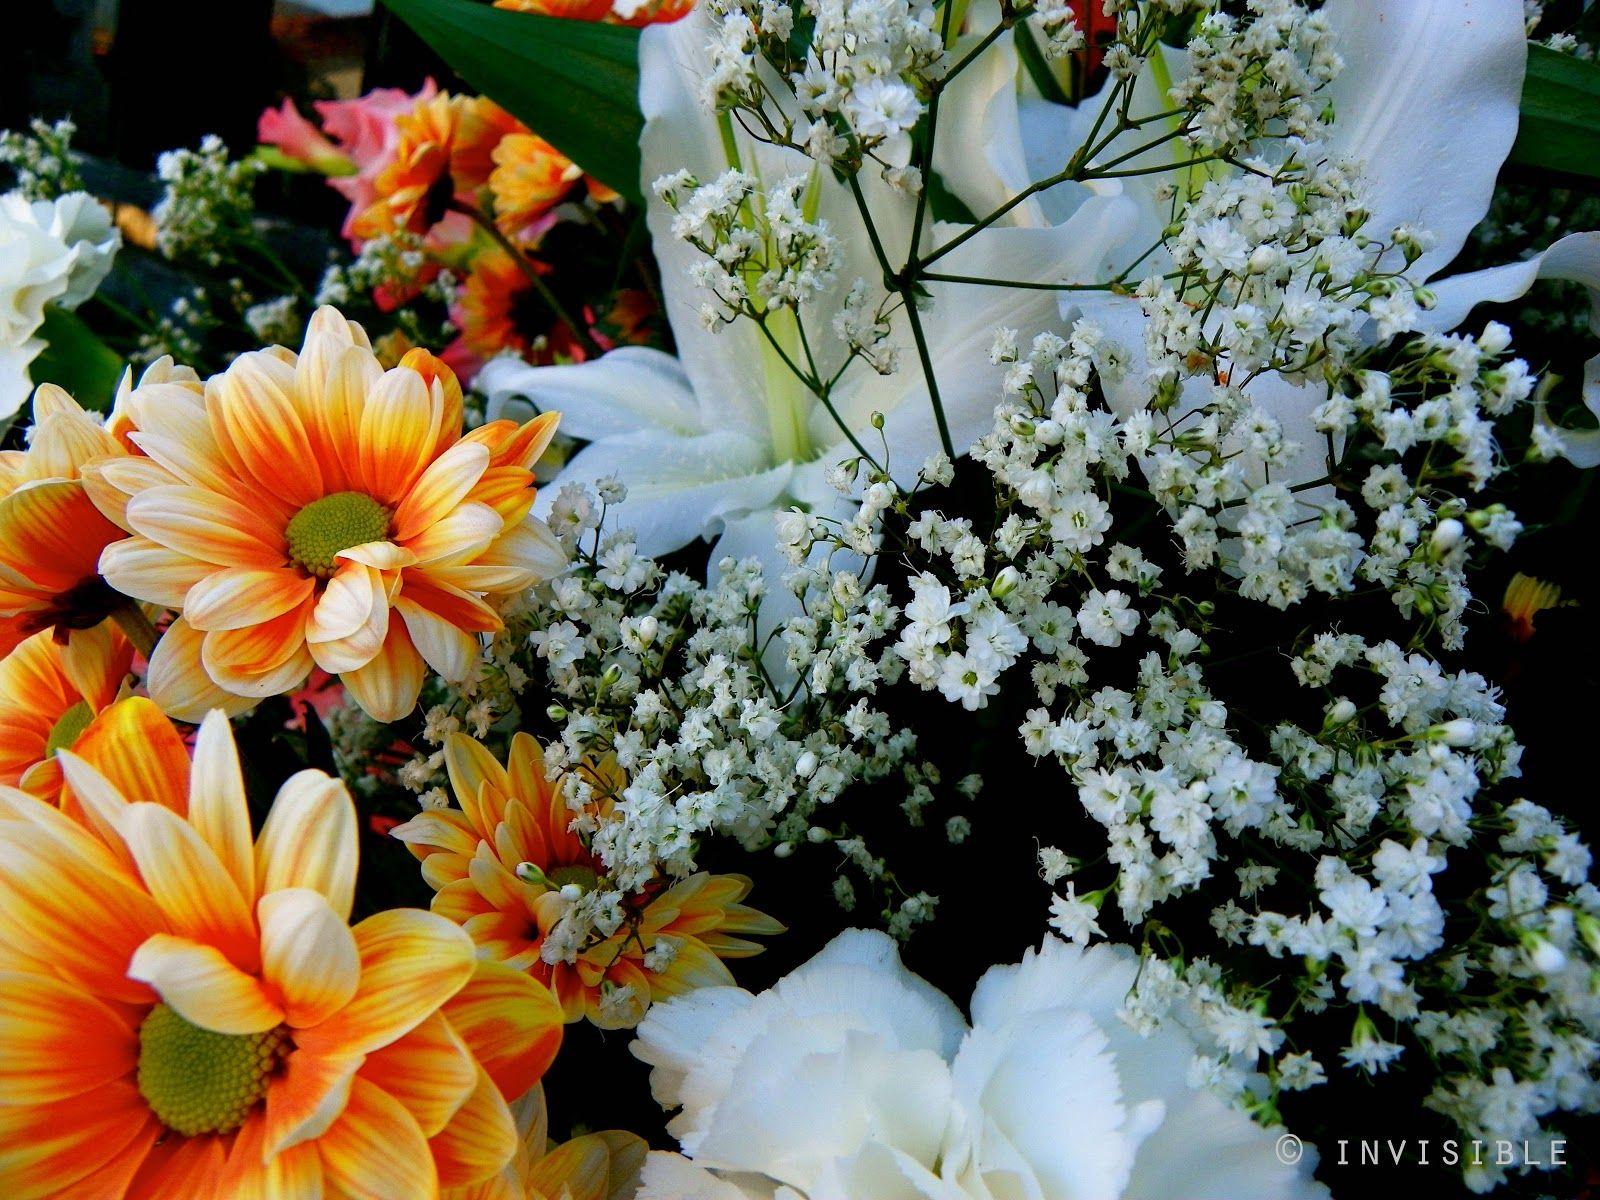 Invisible SLG Photos: Flores día de Todos los Santos